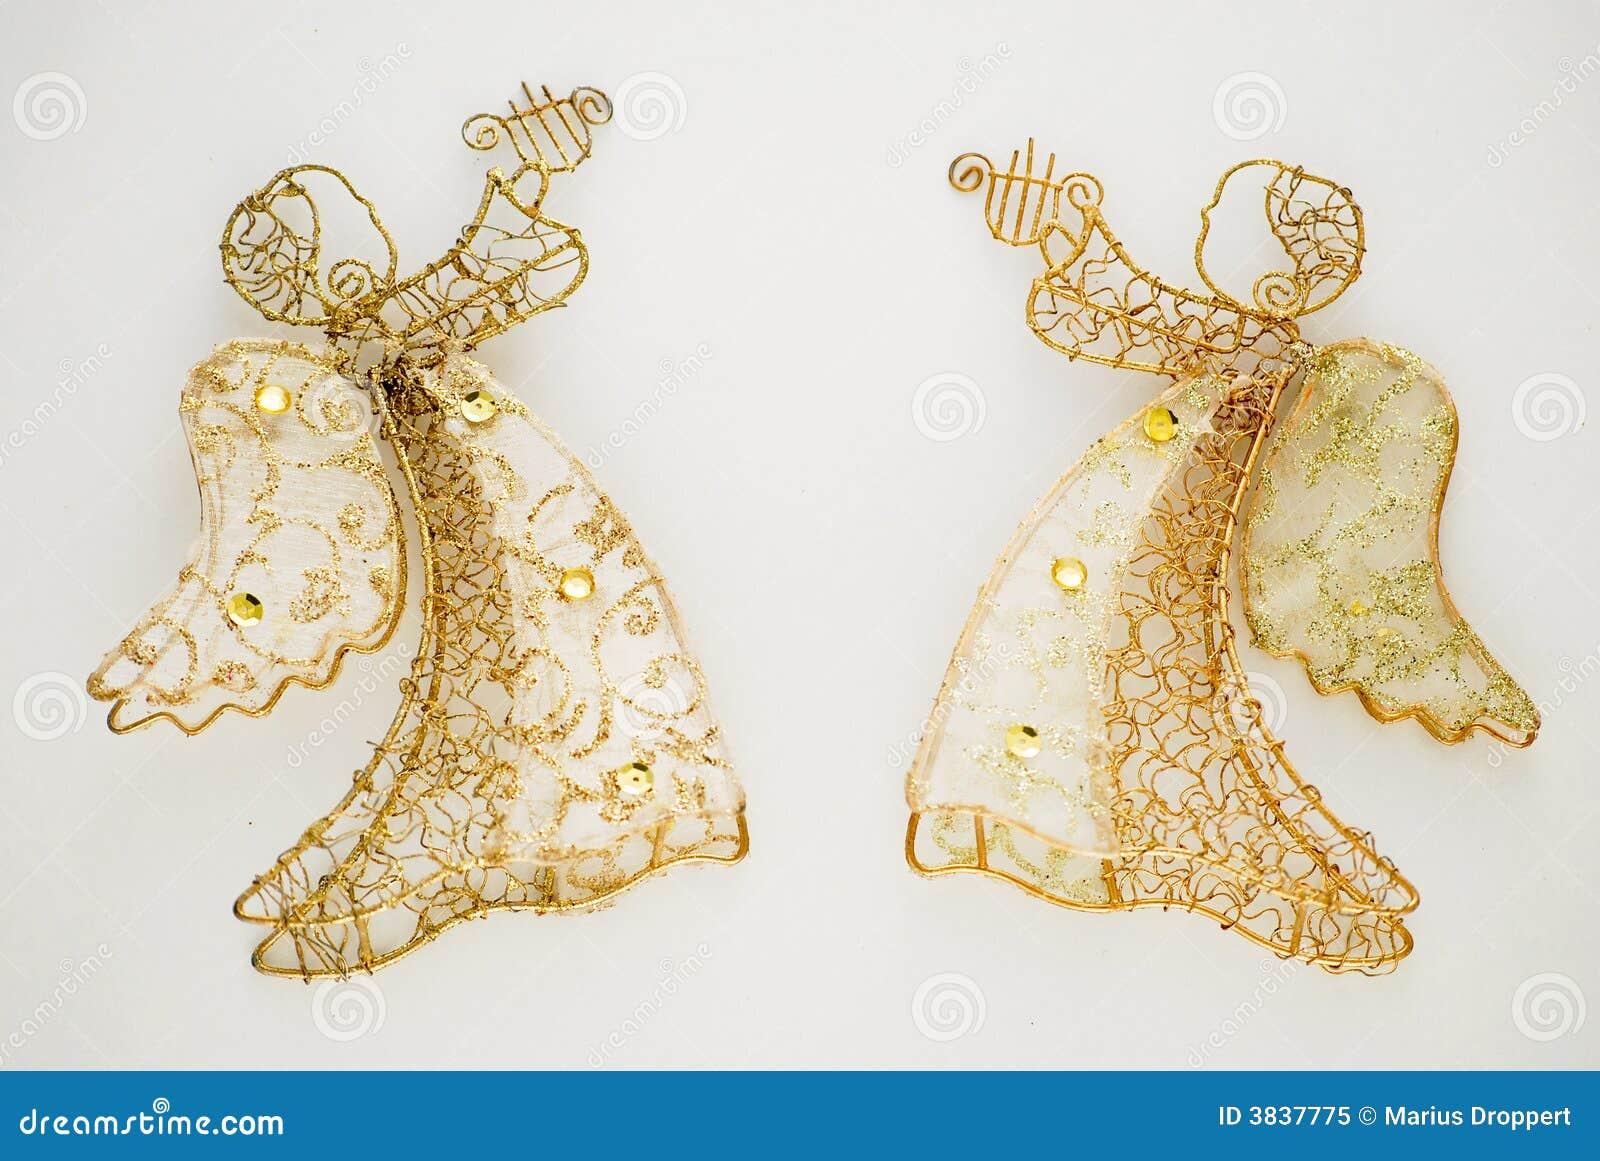 Złote dwóch aniołów